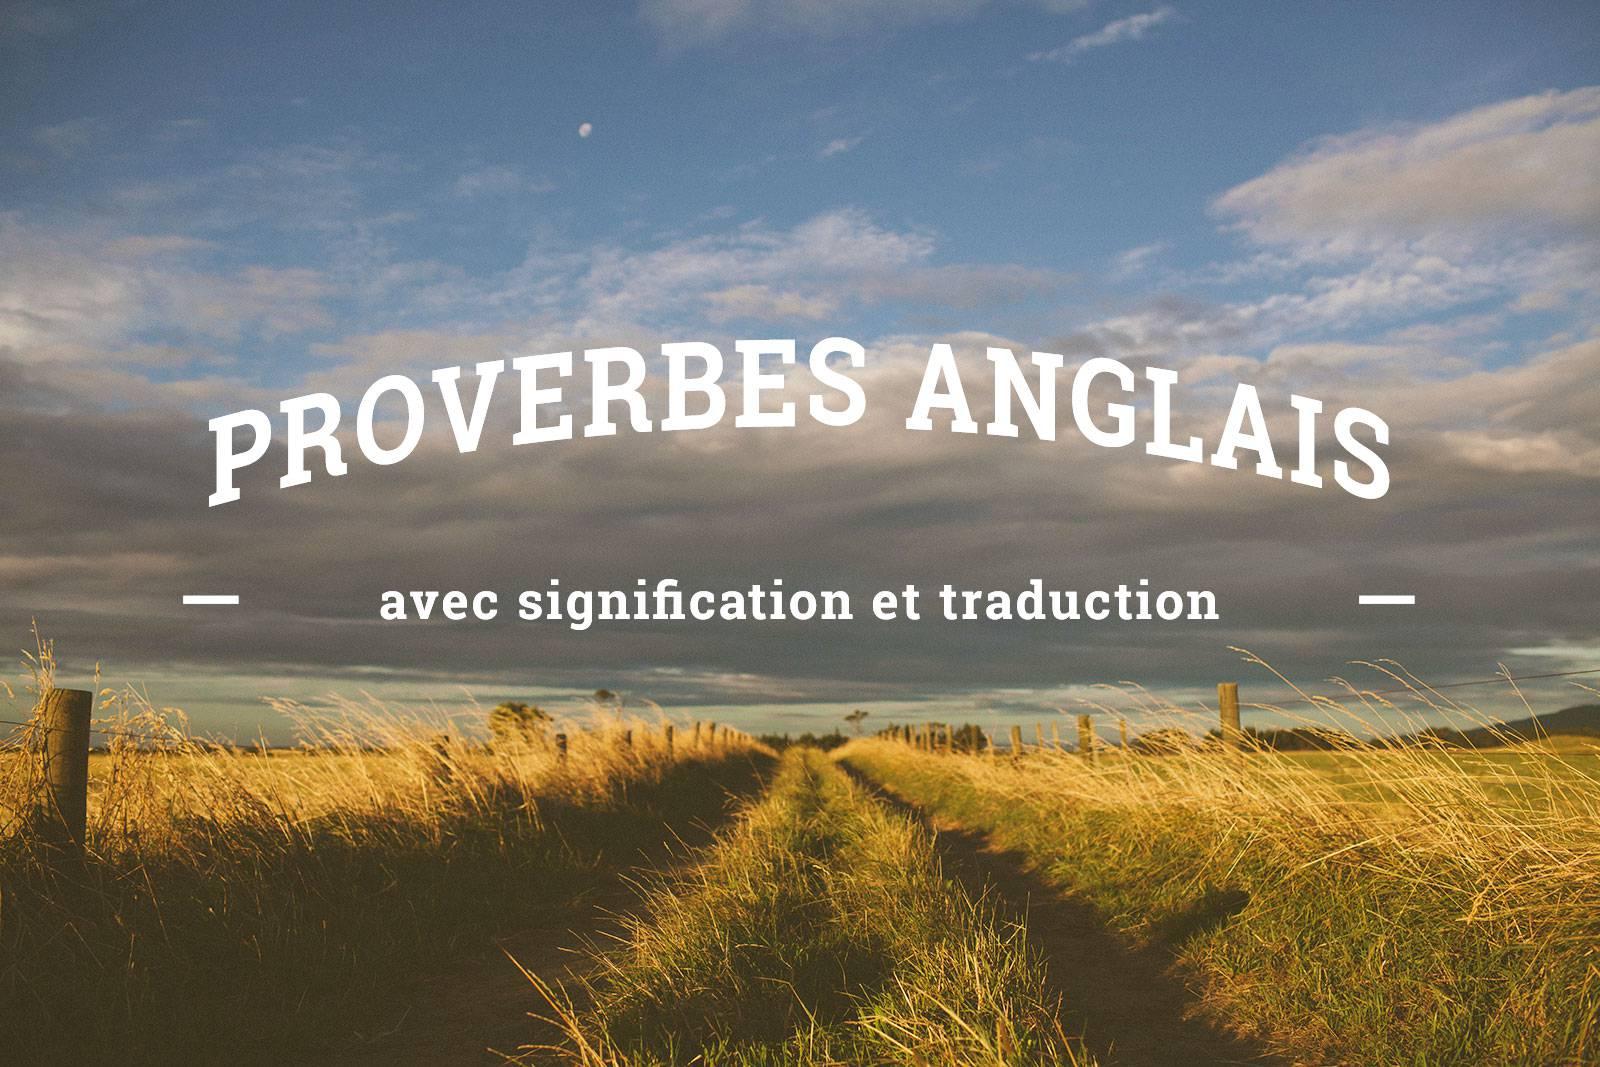 15 Proverbes Anglais A Connaitre Parce Qu Un Homme Prevenu En